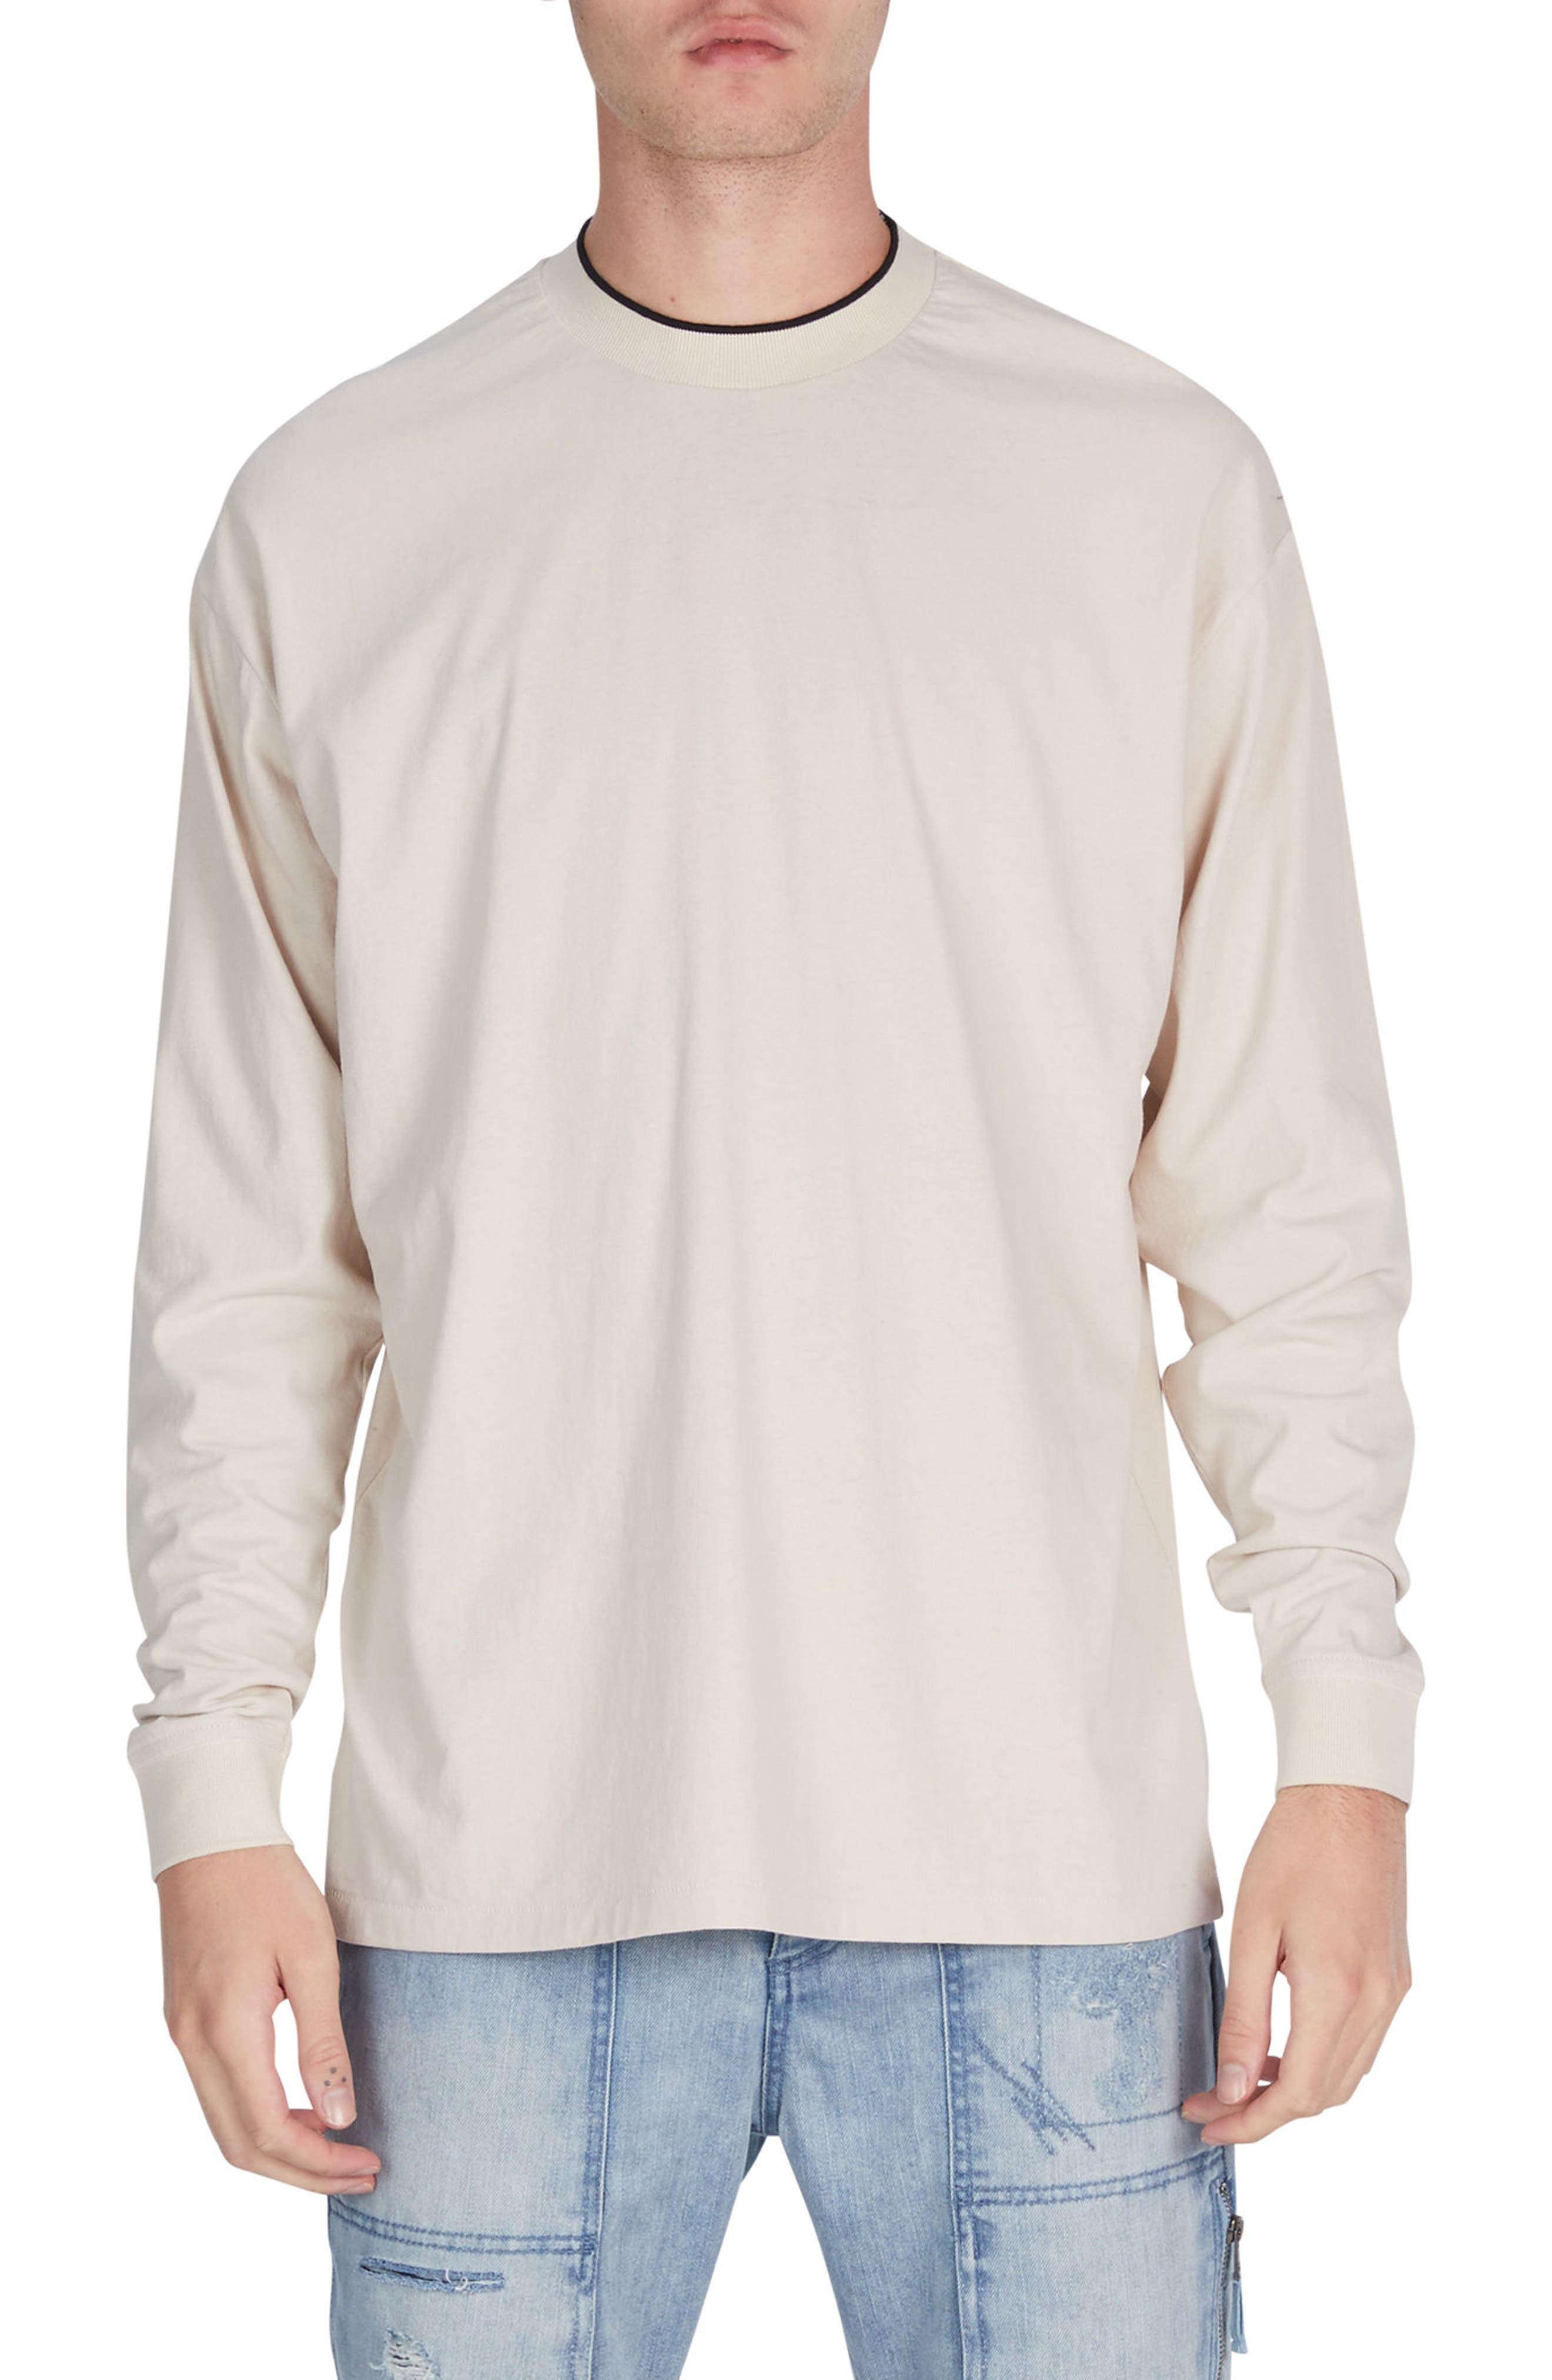 Main Image - ZANEROBE Tipped Boxy T-Shirt